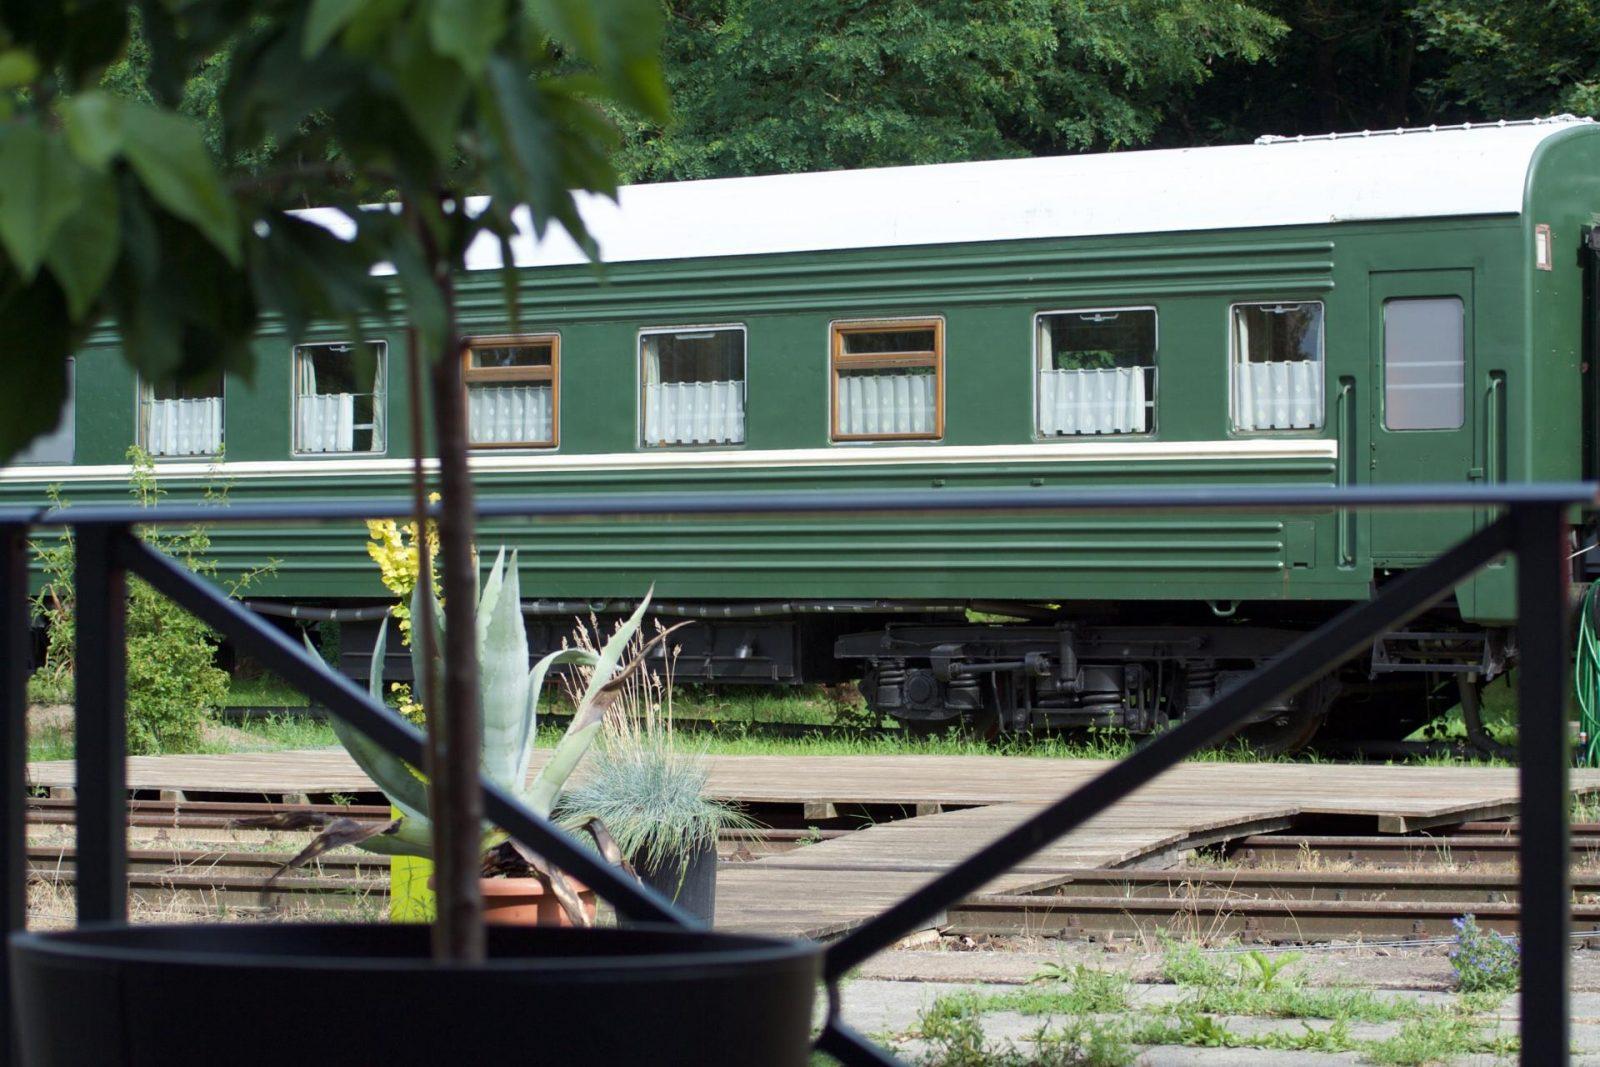 Brandenburgs Erlebnisbahnhof Rehagen für Bahn- und Genussfans